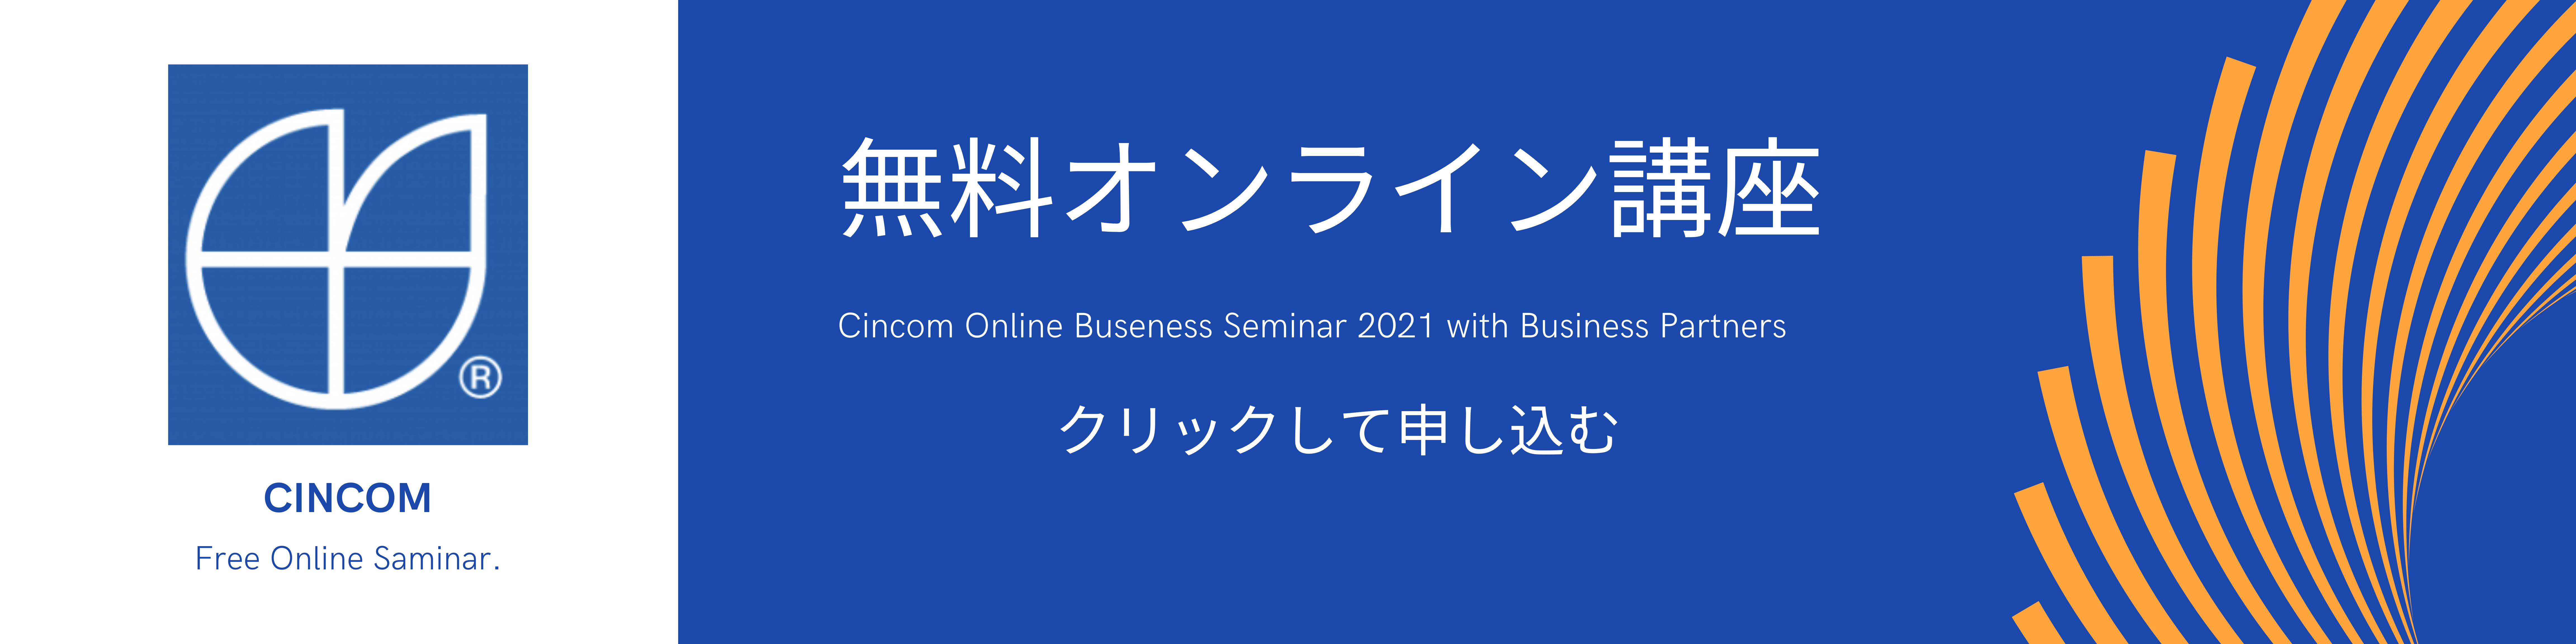 Cincom Business Online Seminar